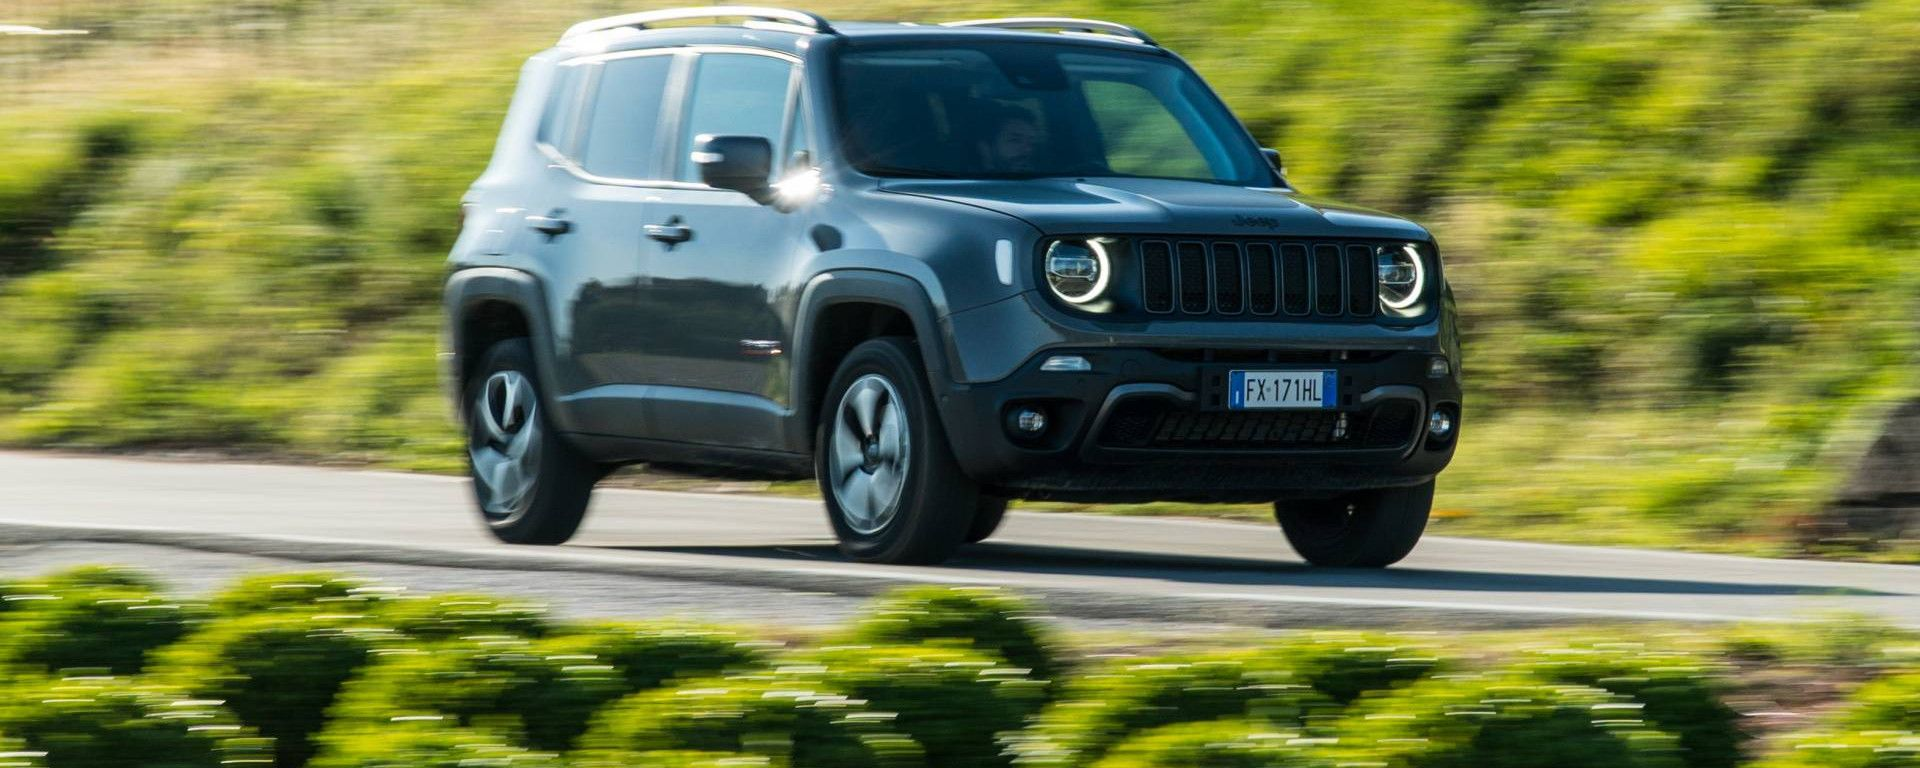 Jeep Renegade: nuova, con finanziamento, km 0, usata o noleggio a lungo termine.